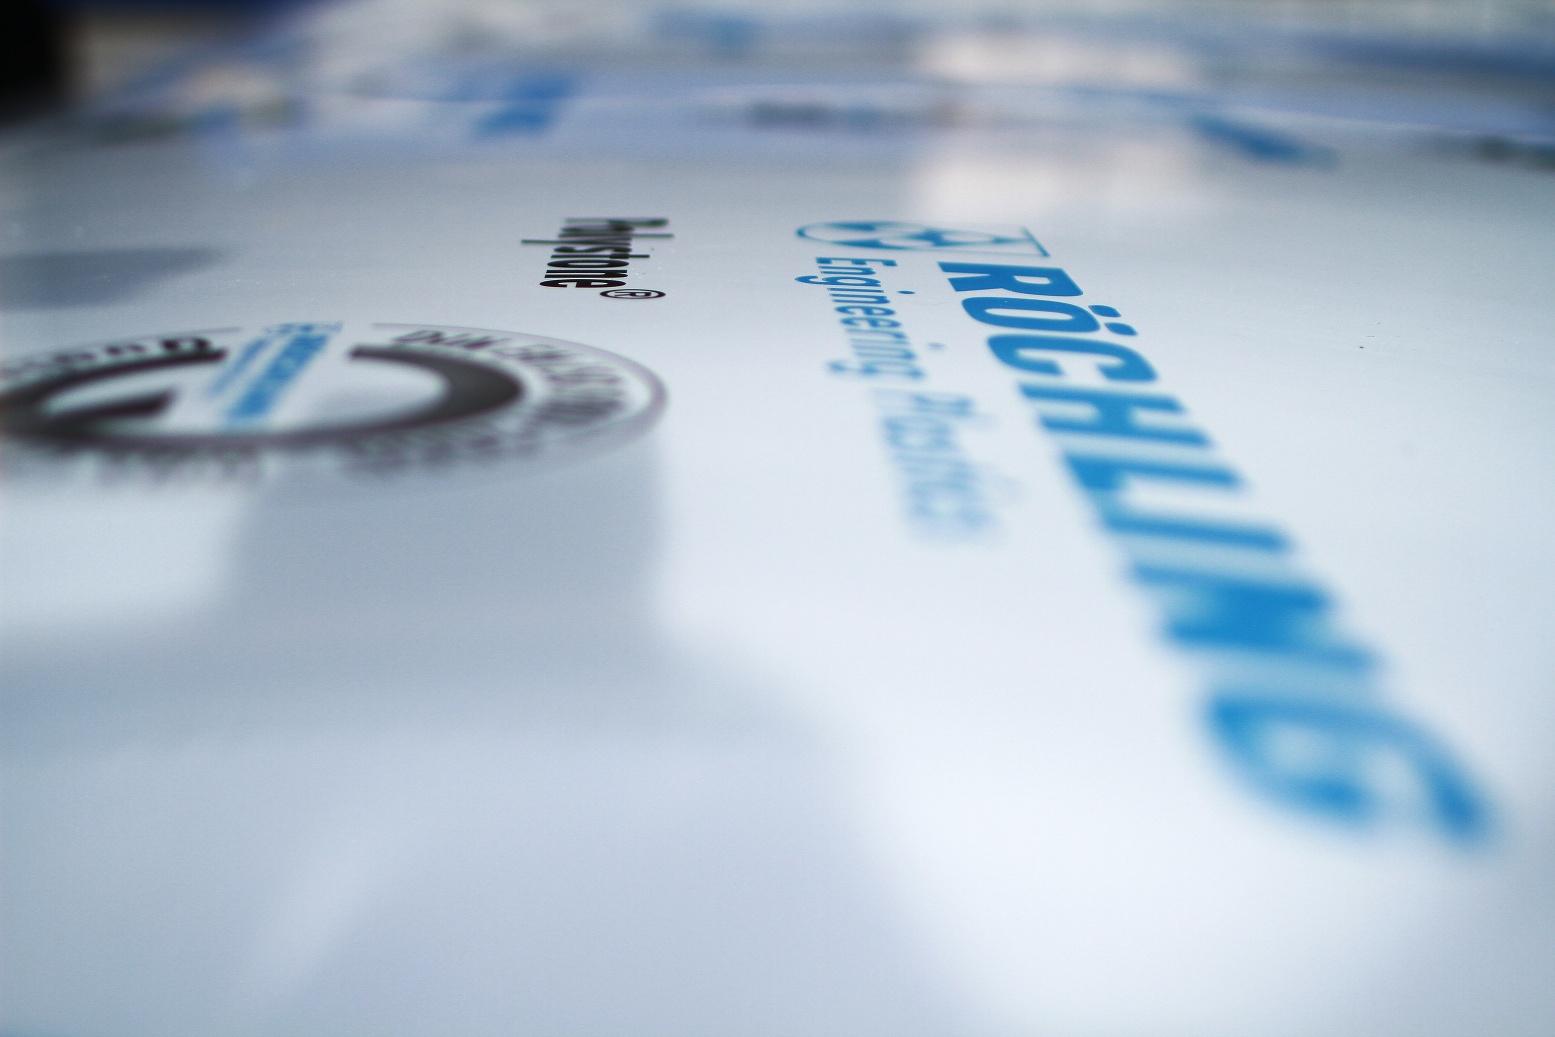 Materiál pro výrobu plastových bazénů - Rochling